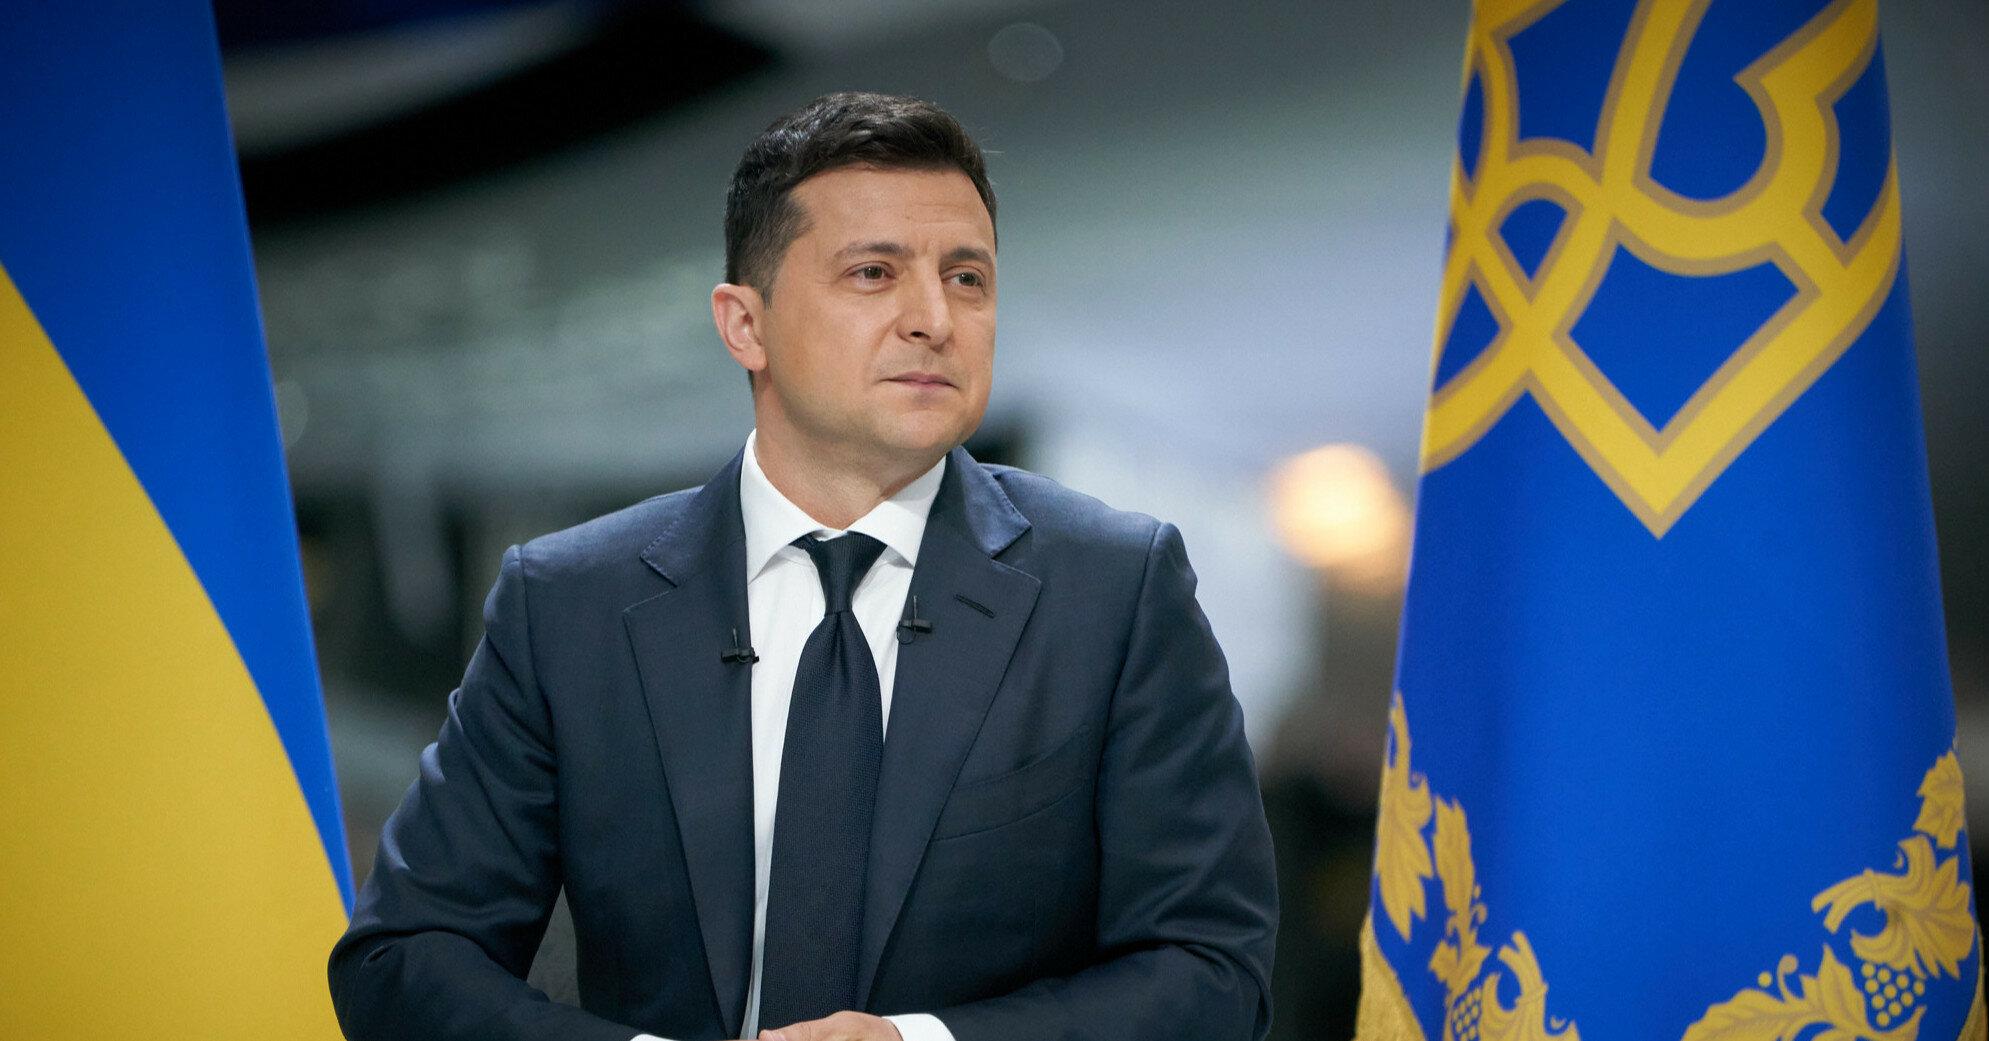 Зеленский похвалил новую форму украинской сборной